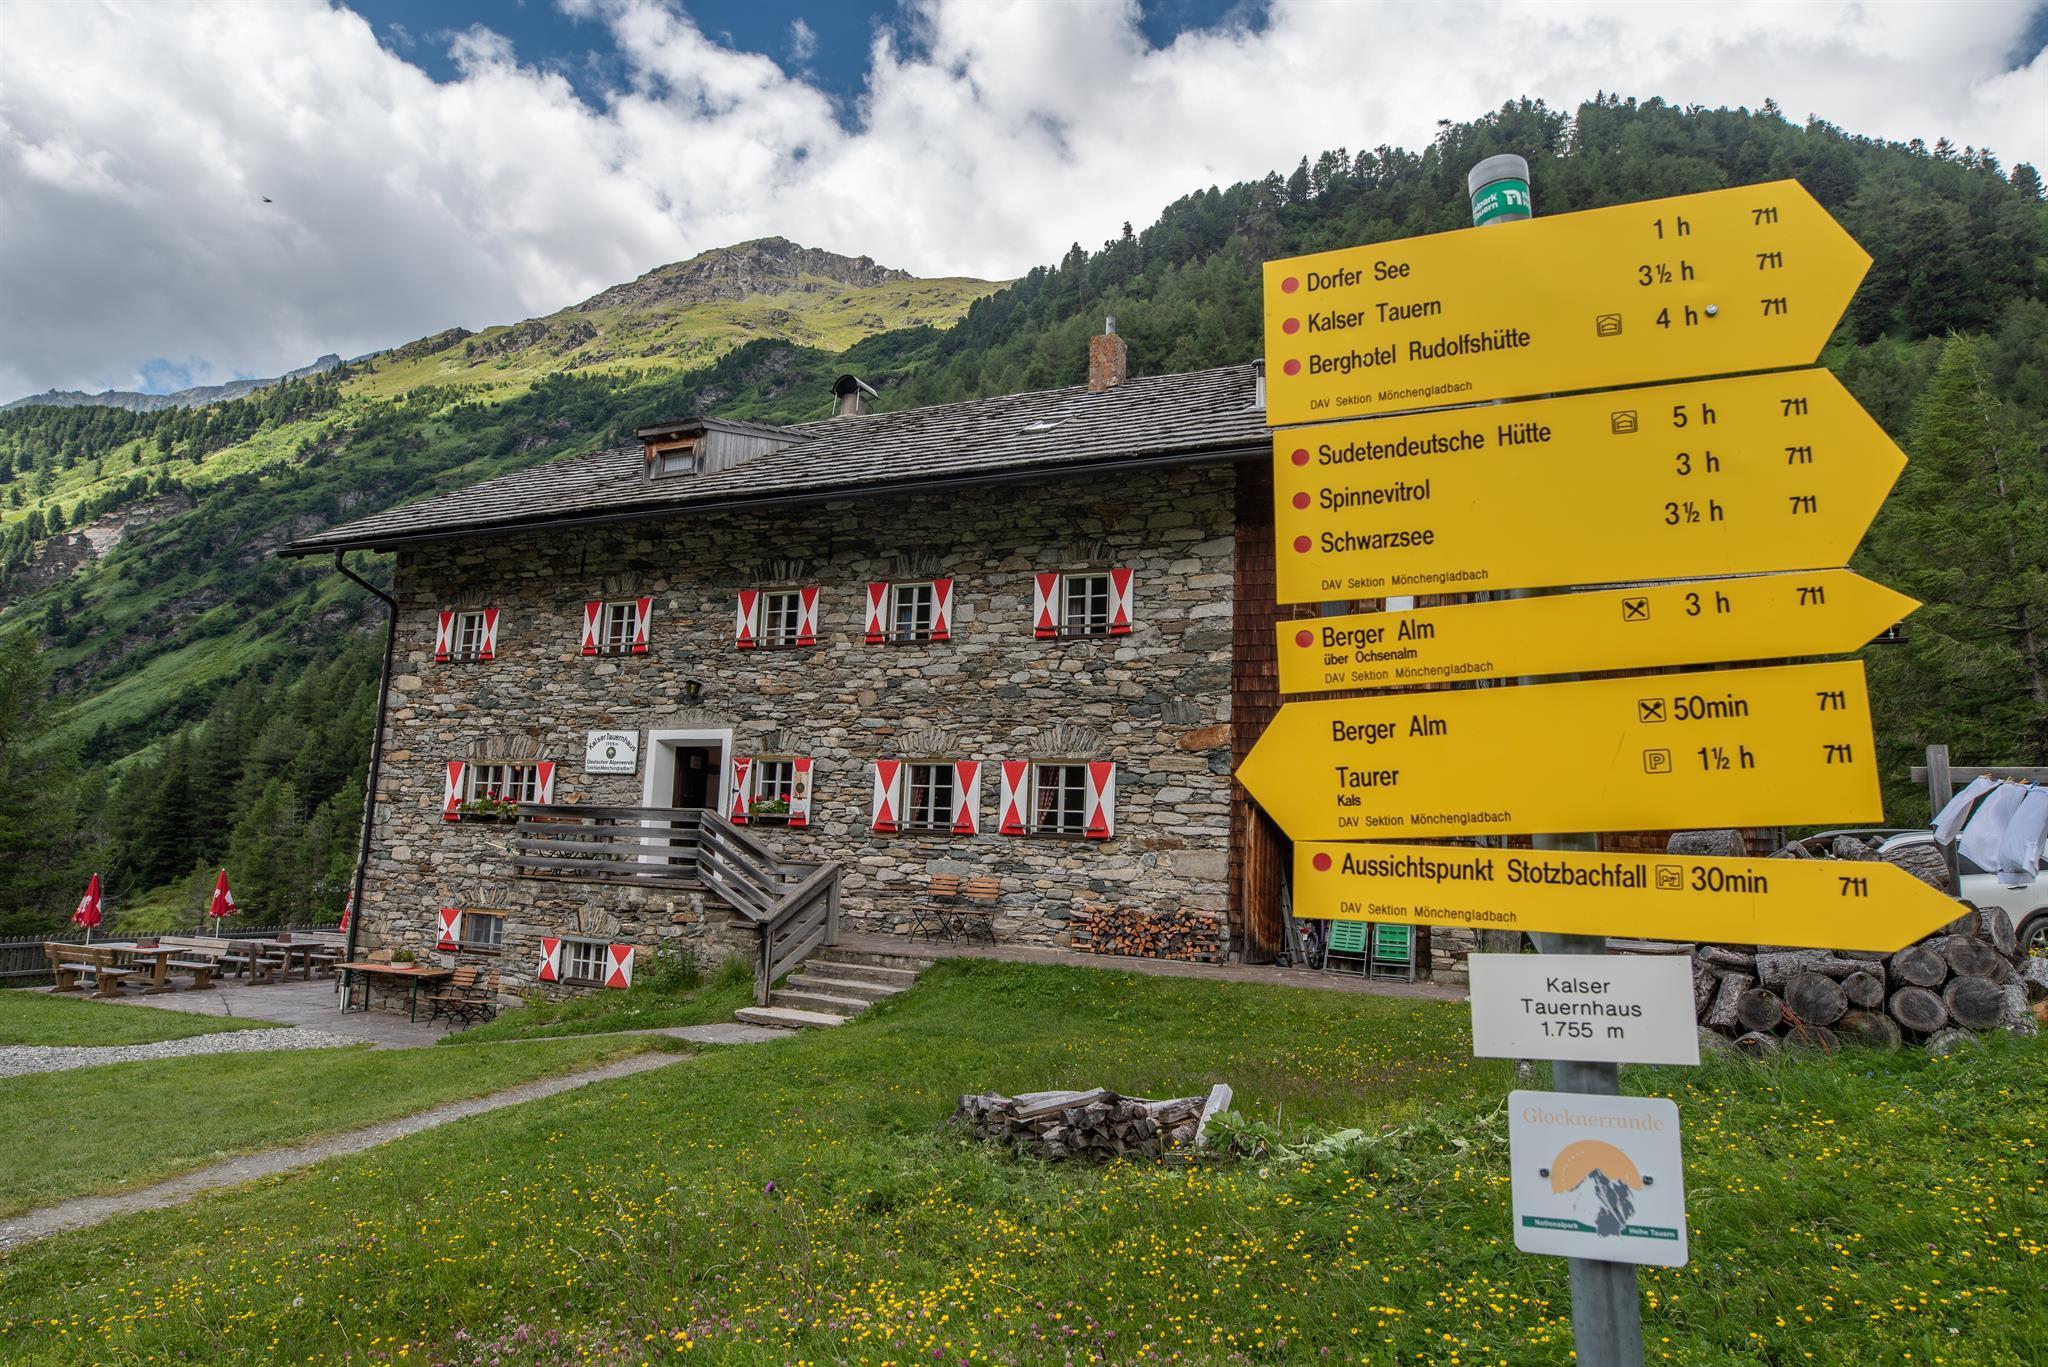 Kalser-Tauernhaus.jpg